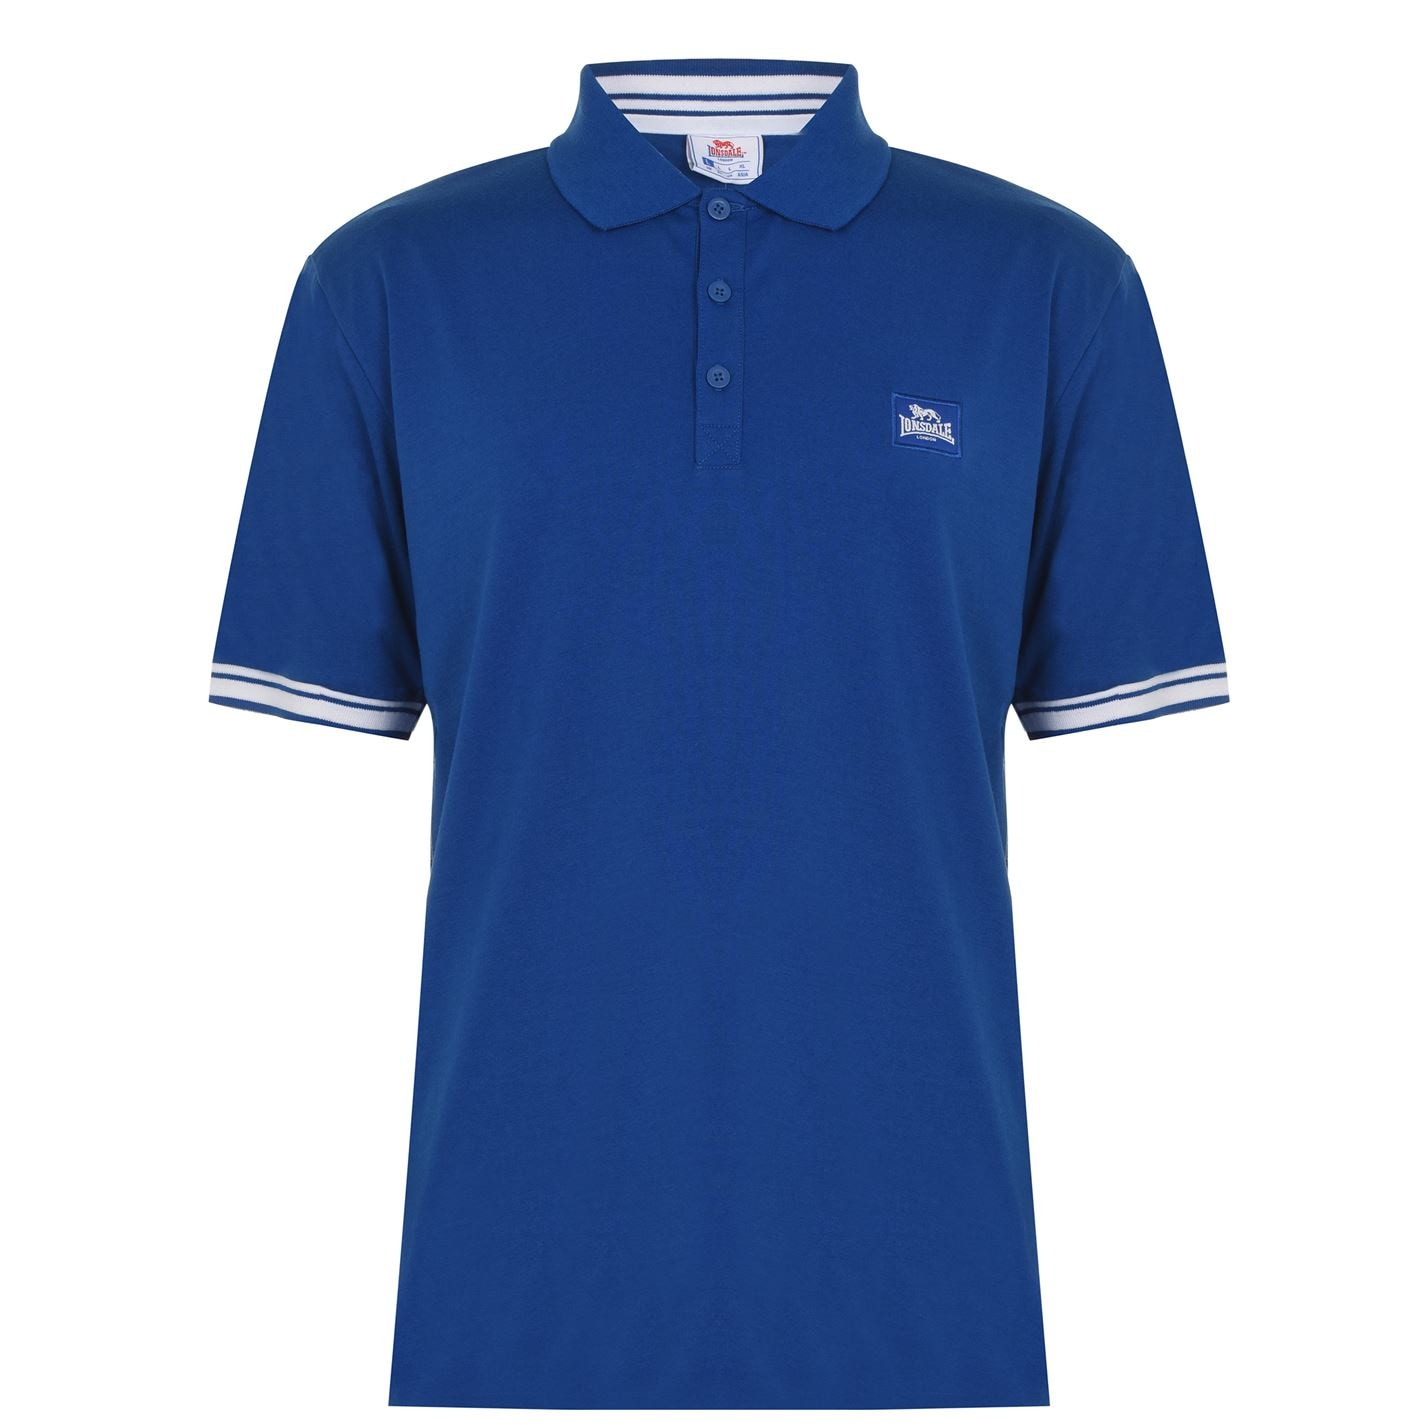 Tricouri Polo Lonsdale Jersey pentru Barbati albastru alb